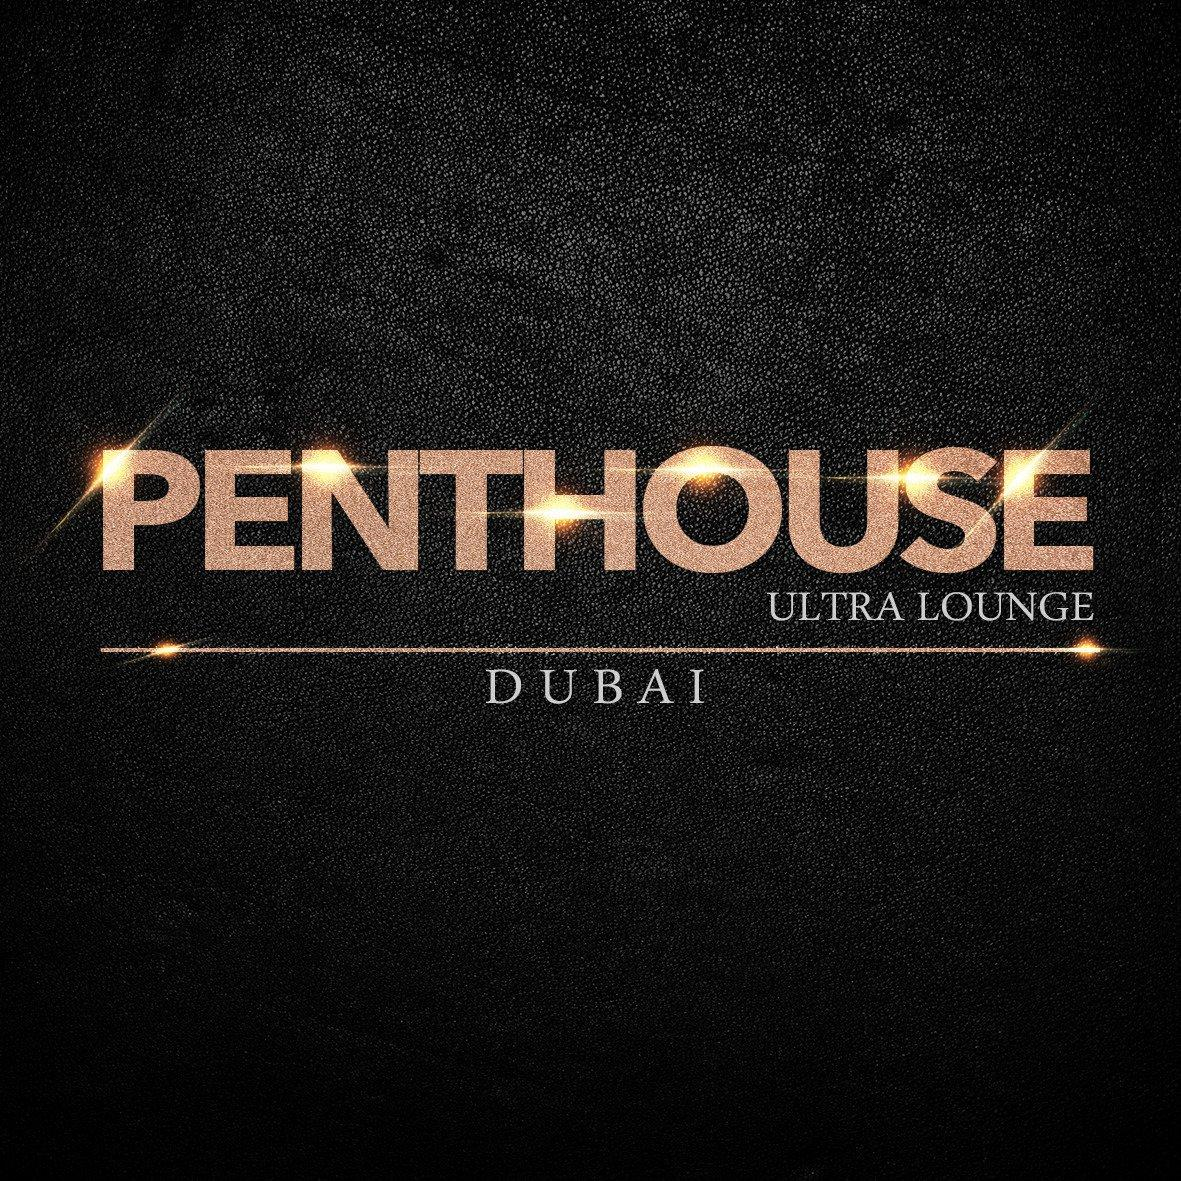 Penhouse